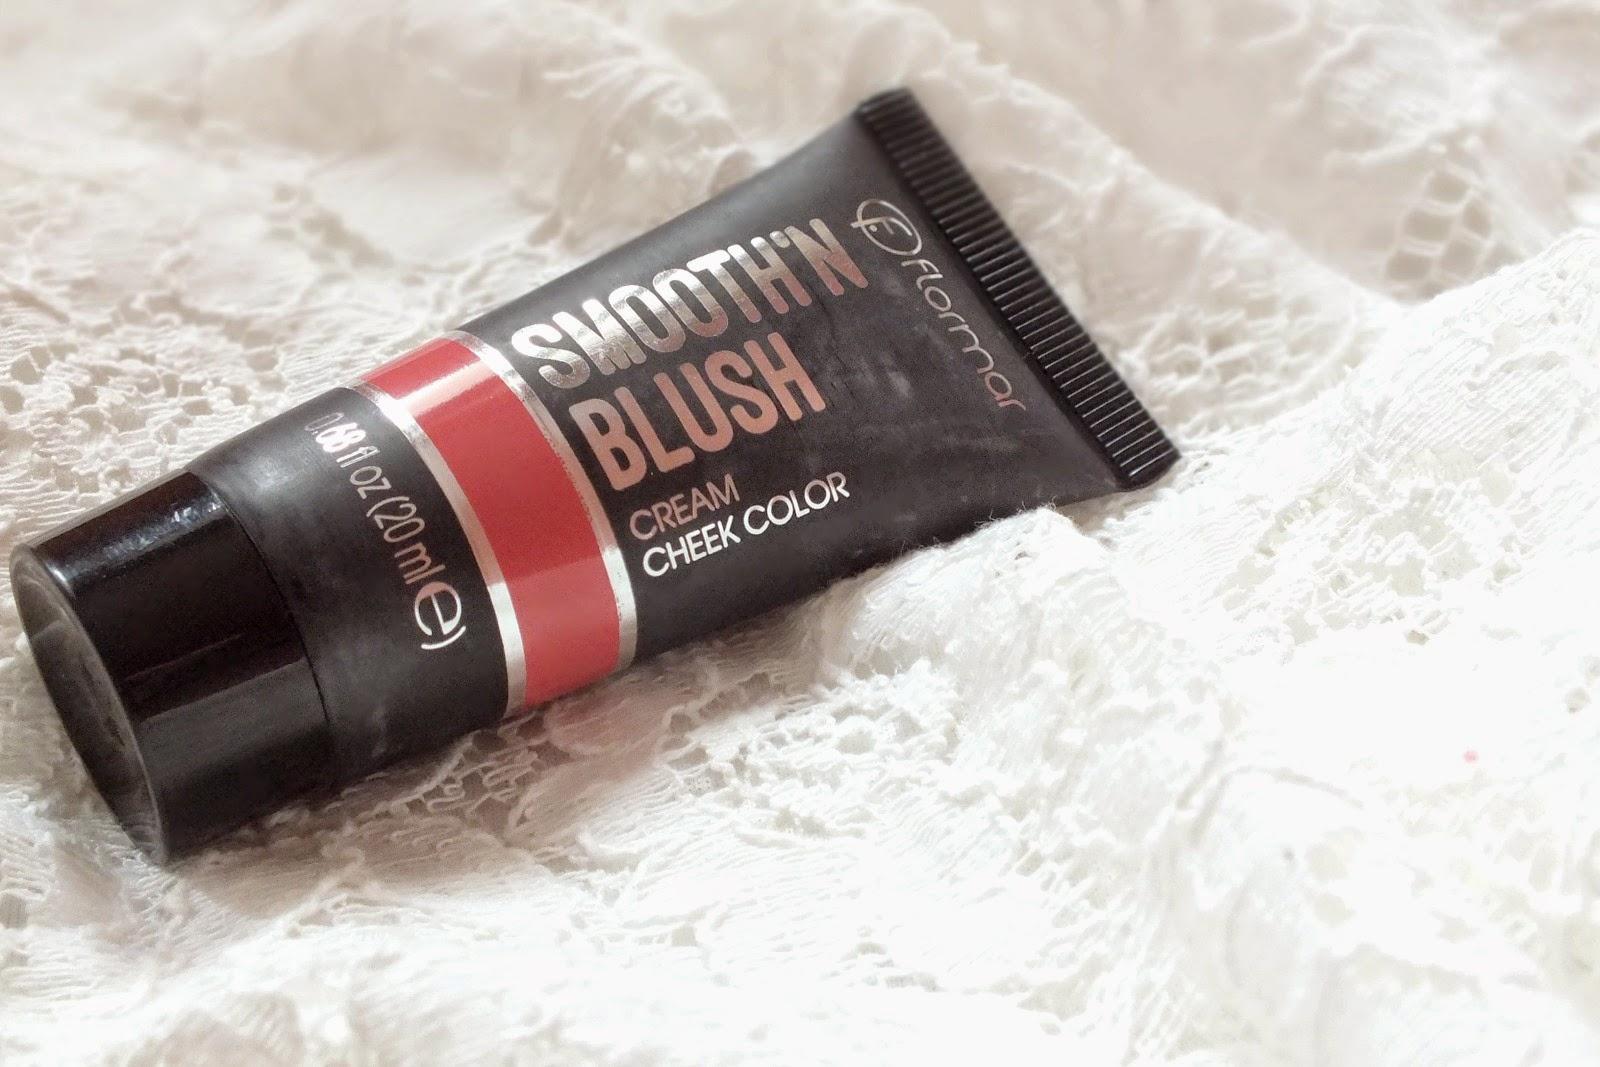 Beauté: Test et Avis du Smooth'n Blush Flormar